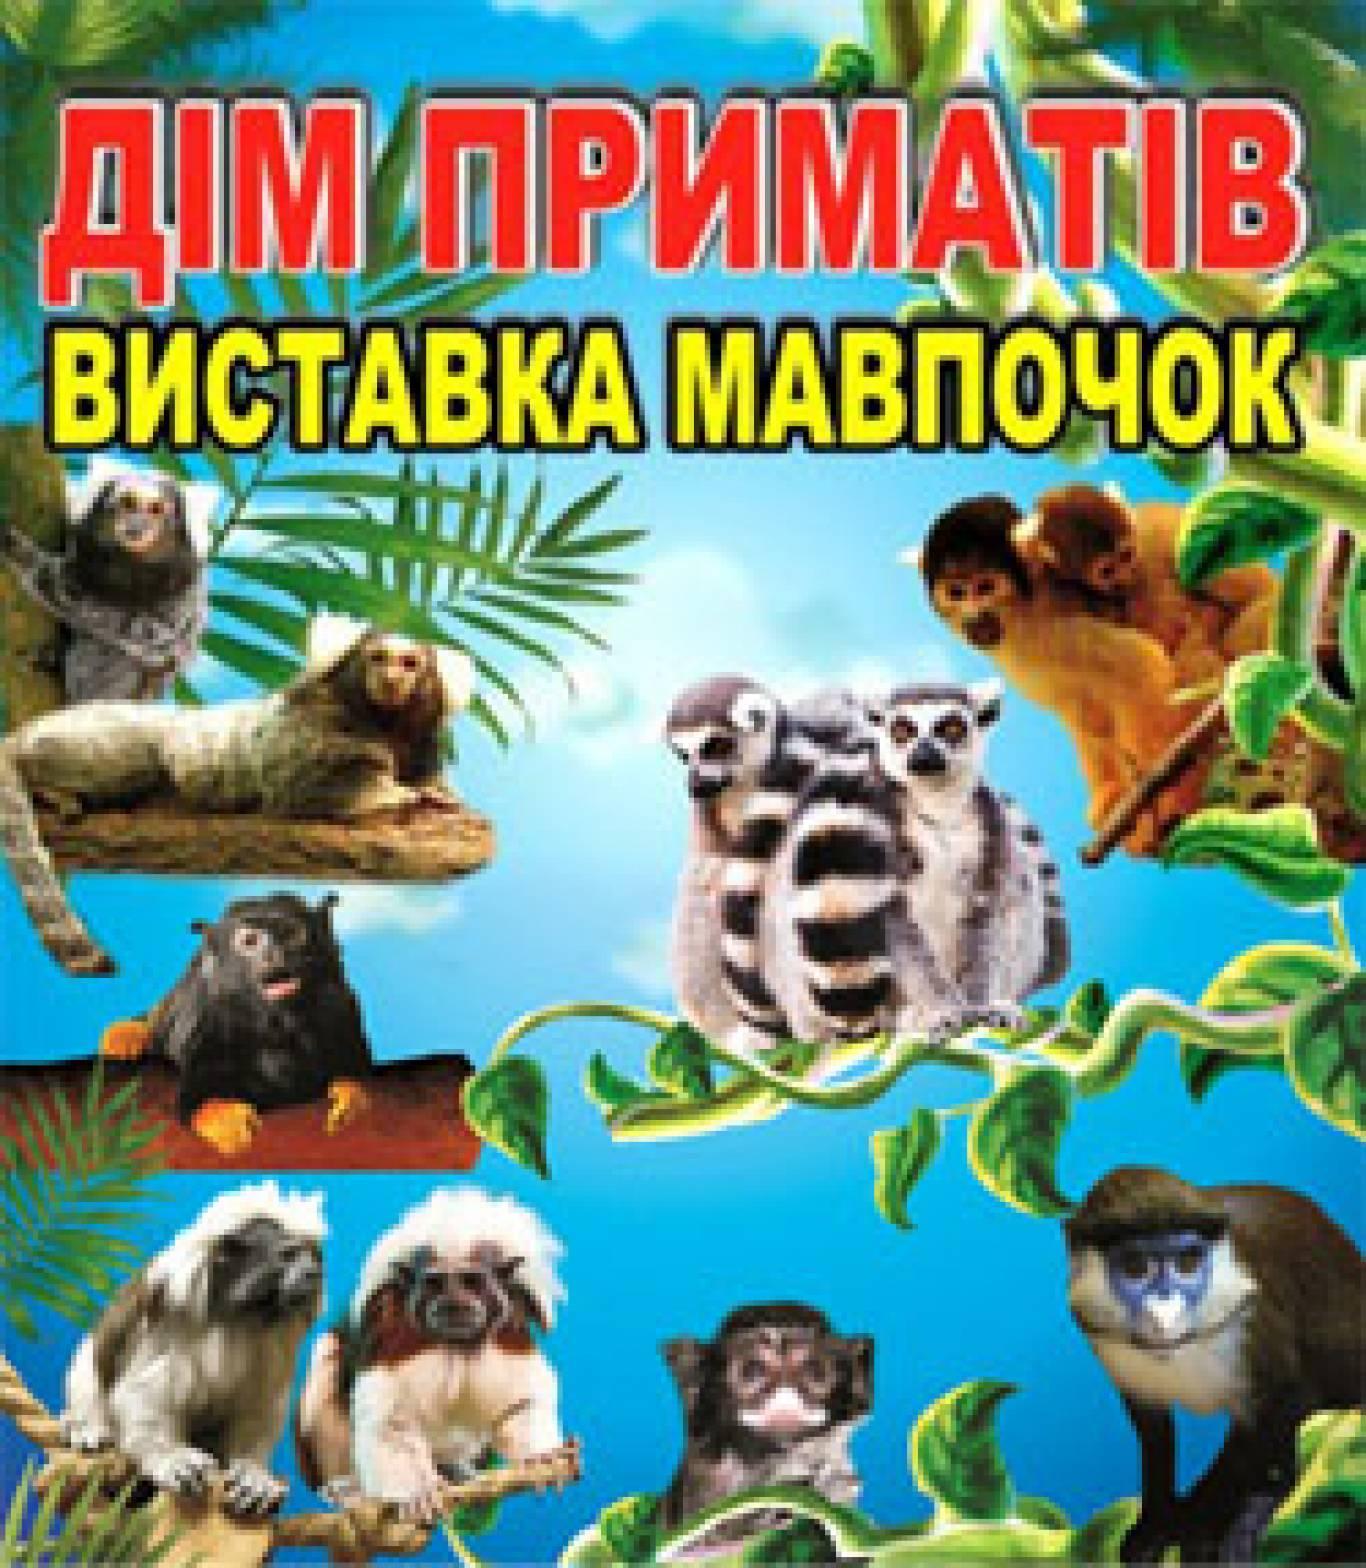 Виставка мавпочок «Дім приматів»